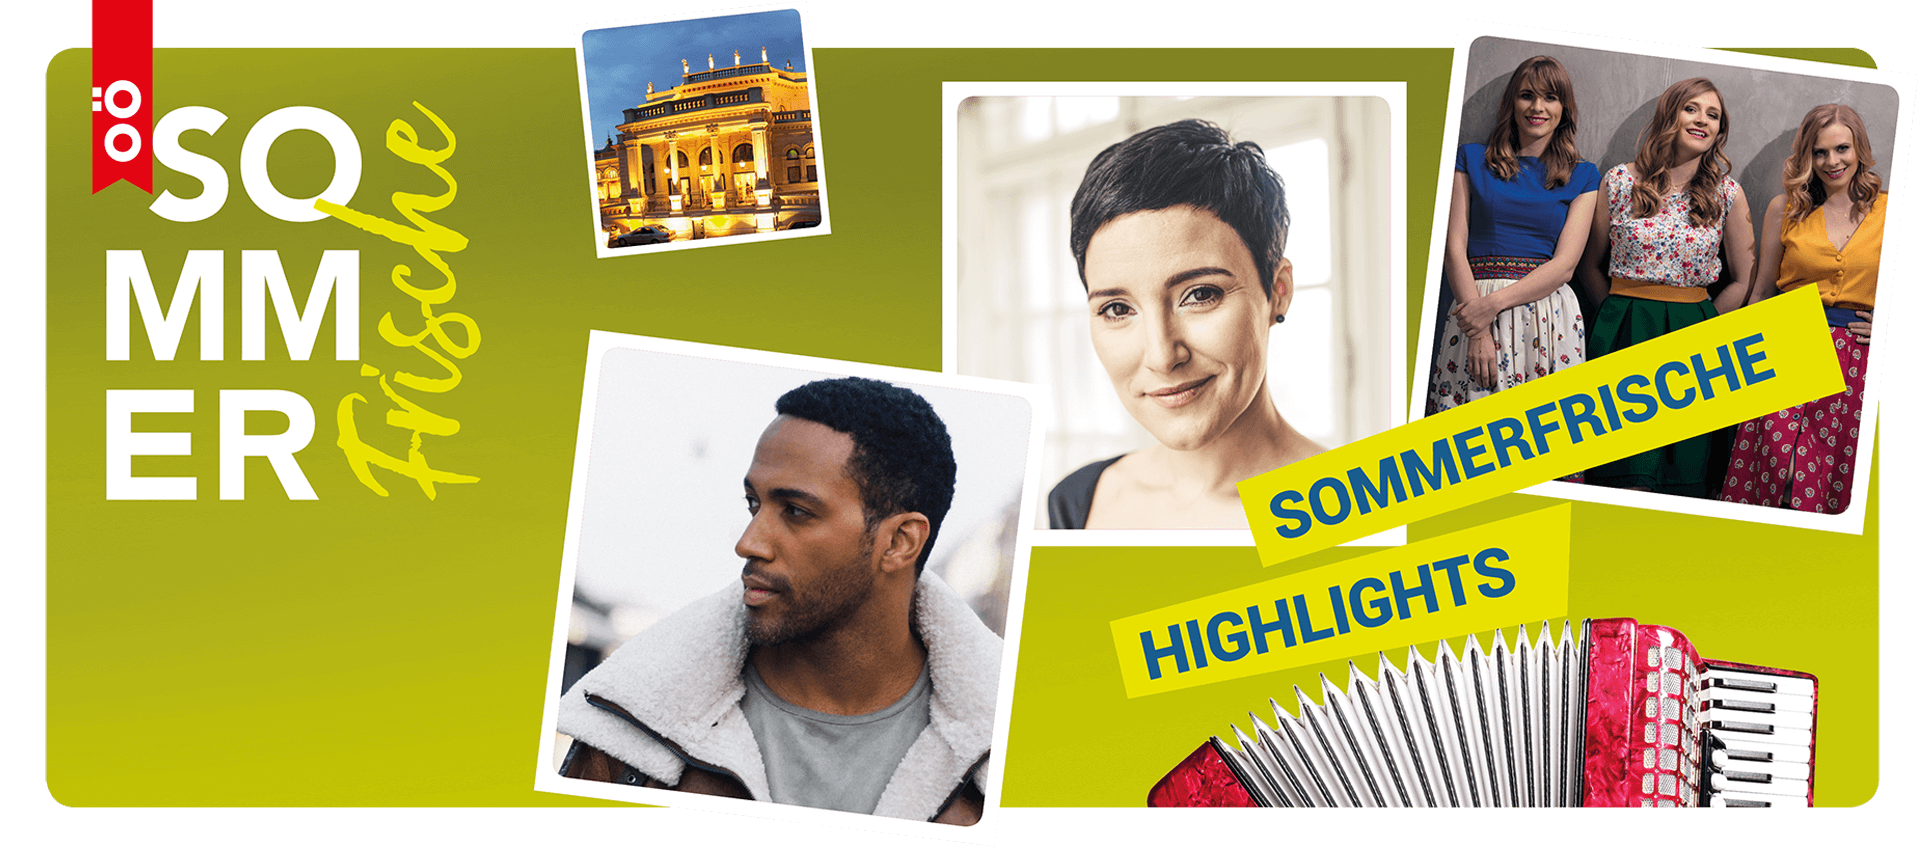 Auf grünem Hintergrund sind die musikalischen Highlights der Sommerfrische zu sehen: Ina Regen, Cesár Sampson und die Poxrucker Sisters.